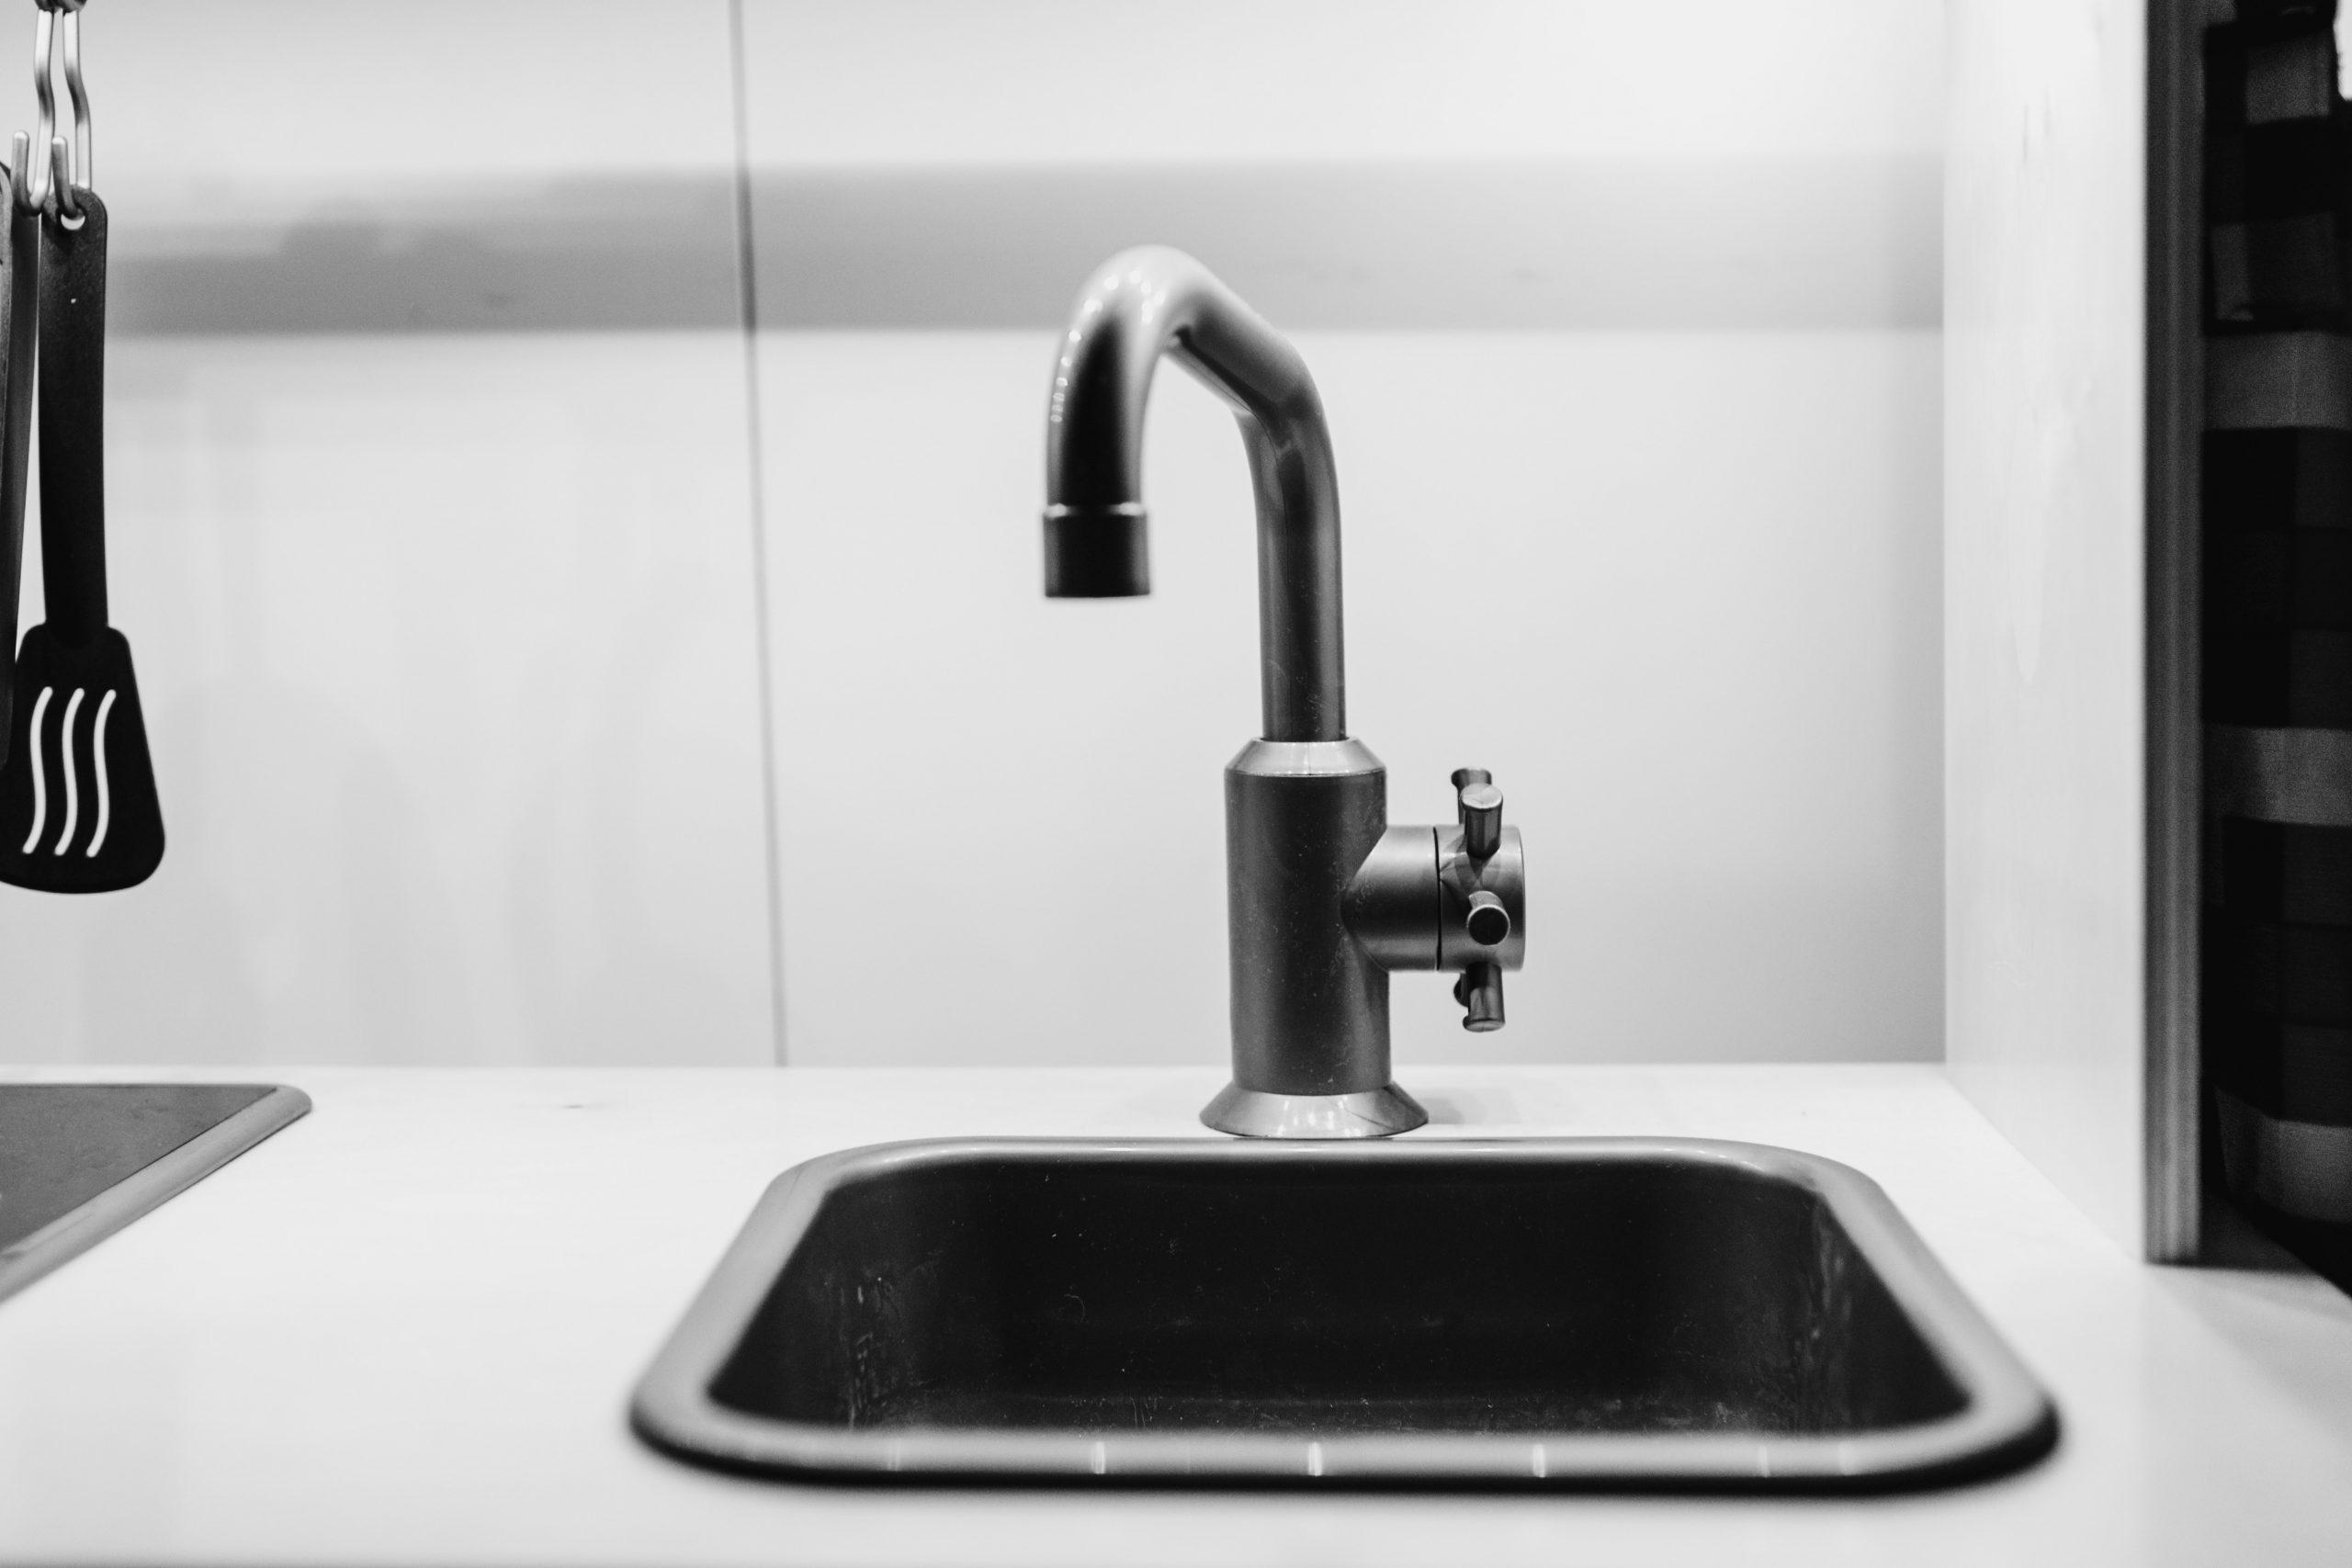 Adoucisseur d'eau : pourquoi est-il indispensable ?